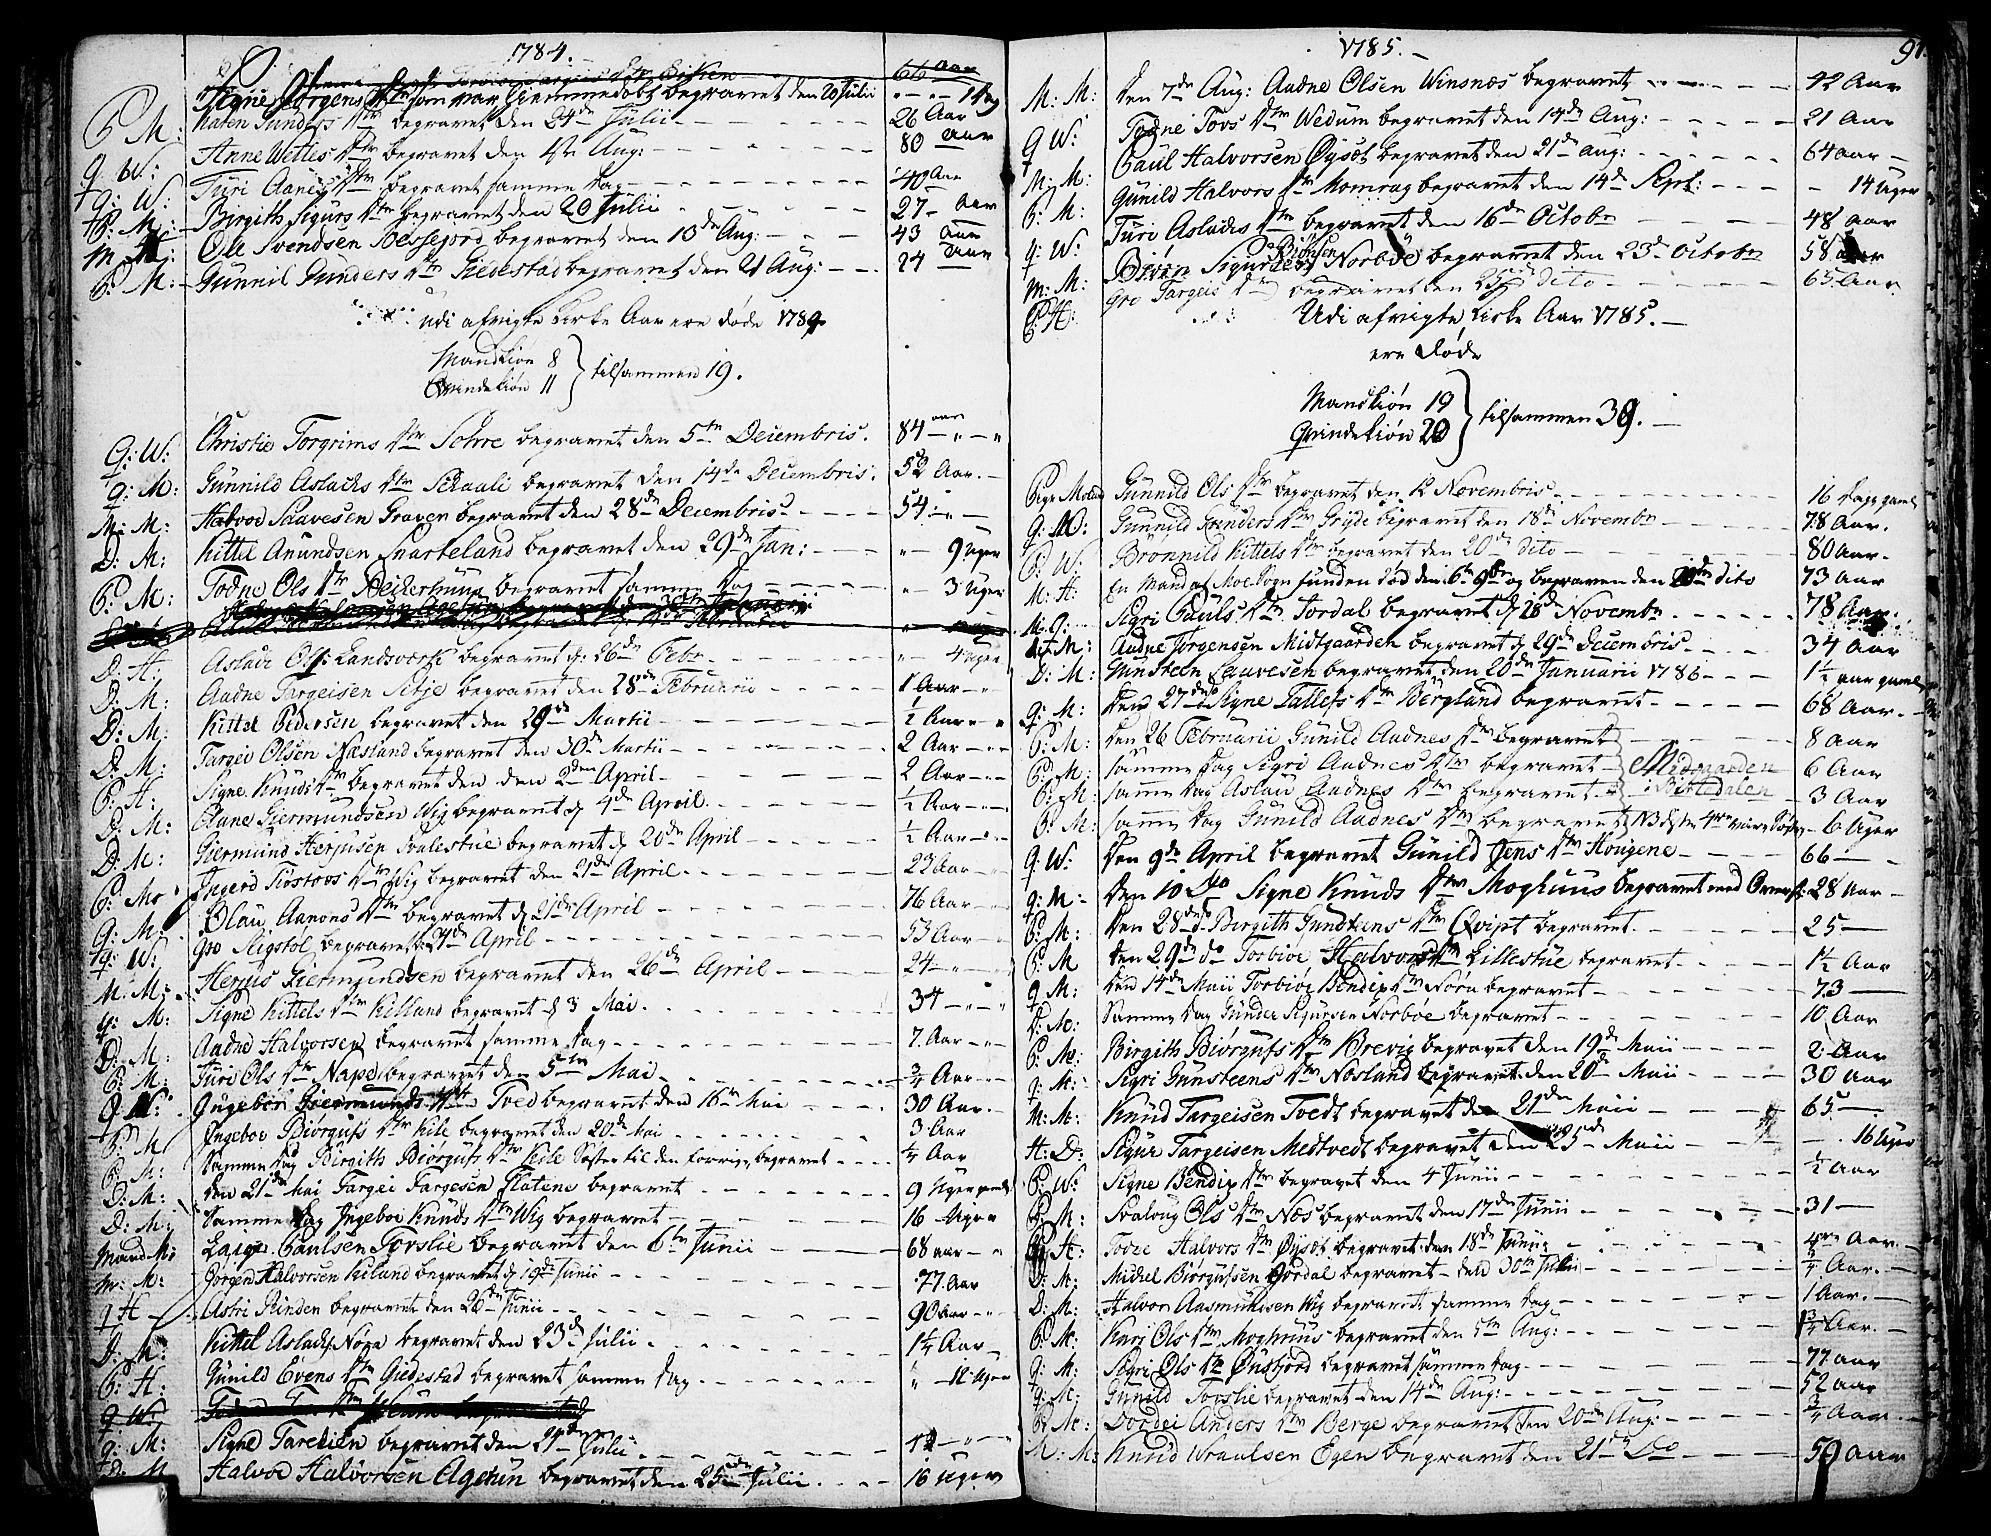 SAKO, Fyresdal kirkebøker, F/Fa/L0002: Ministerialbok nr. I 2, 1769-1814, s. 91